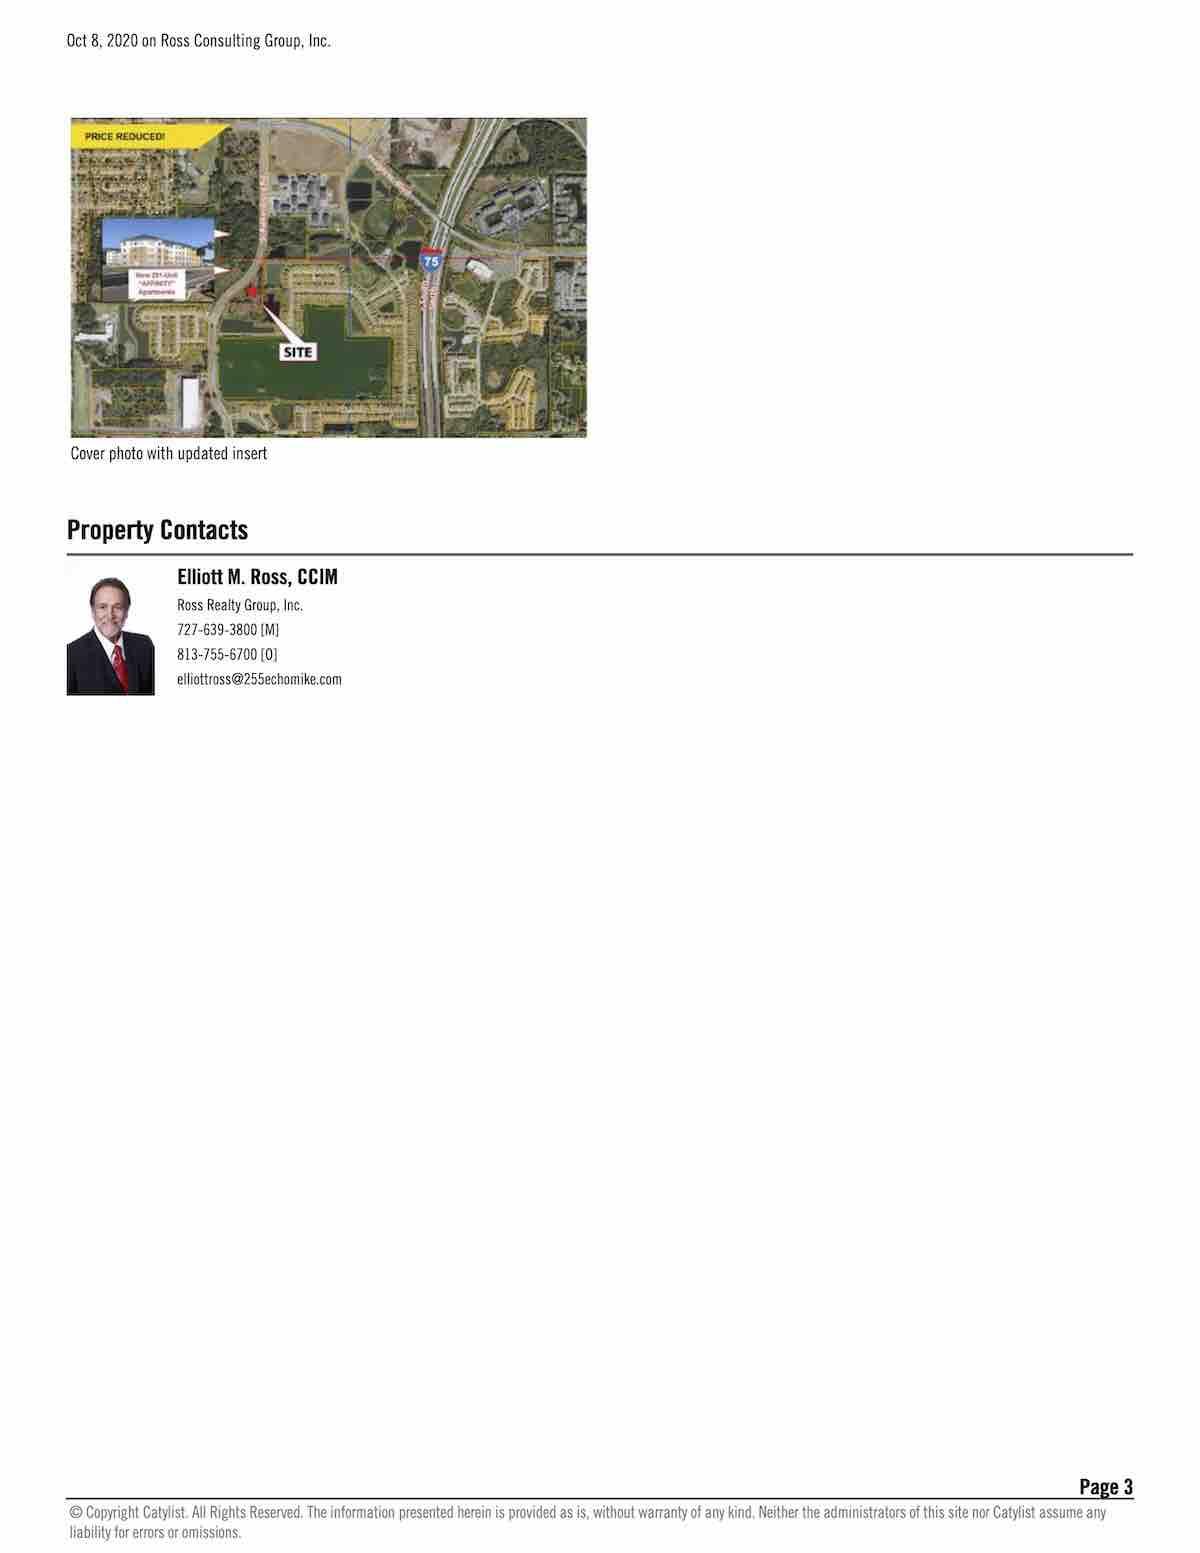 FOR SALE - S Falkenburg Parcel - 6002 S. Falkenburg Rd, Riverview, FL 33578 P3